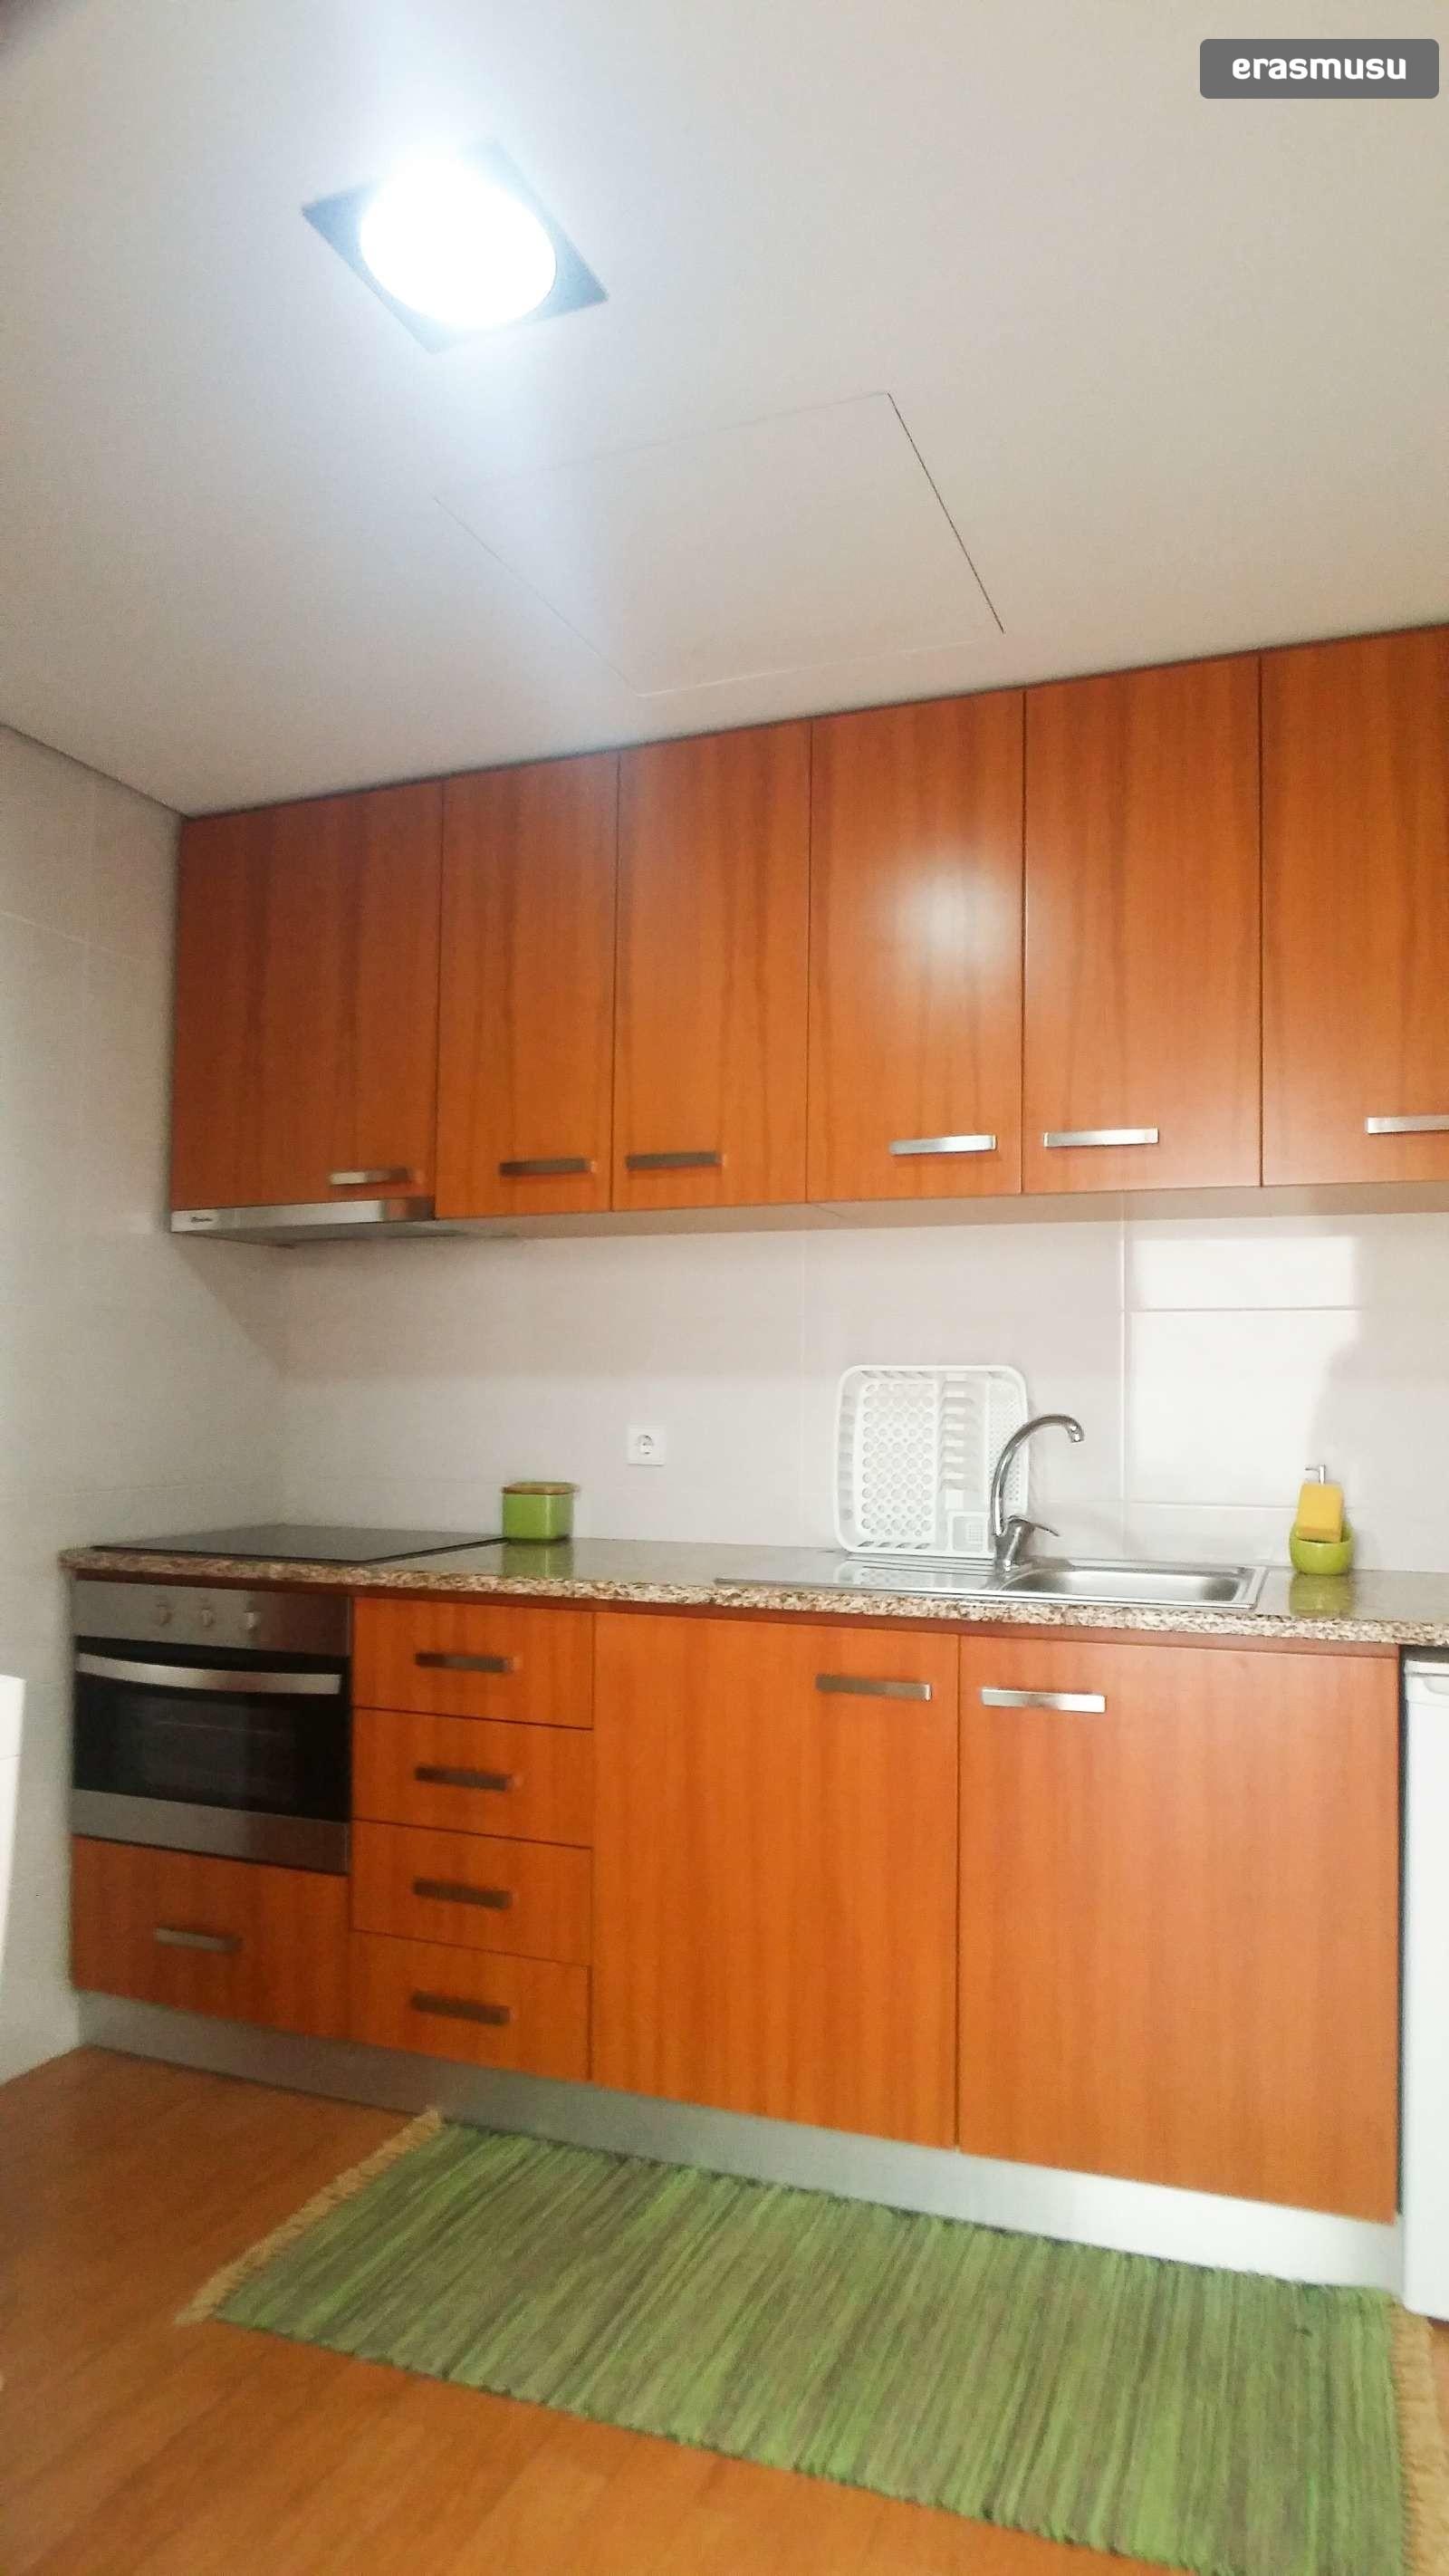 bright-studio-apartment-rent-cedofeita-3c9466b9b4d5b02029de4353c